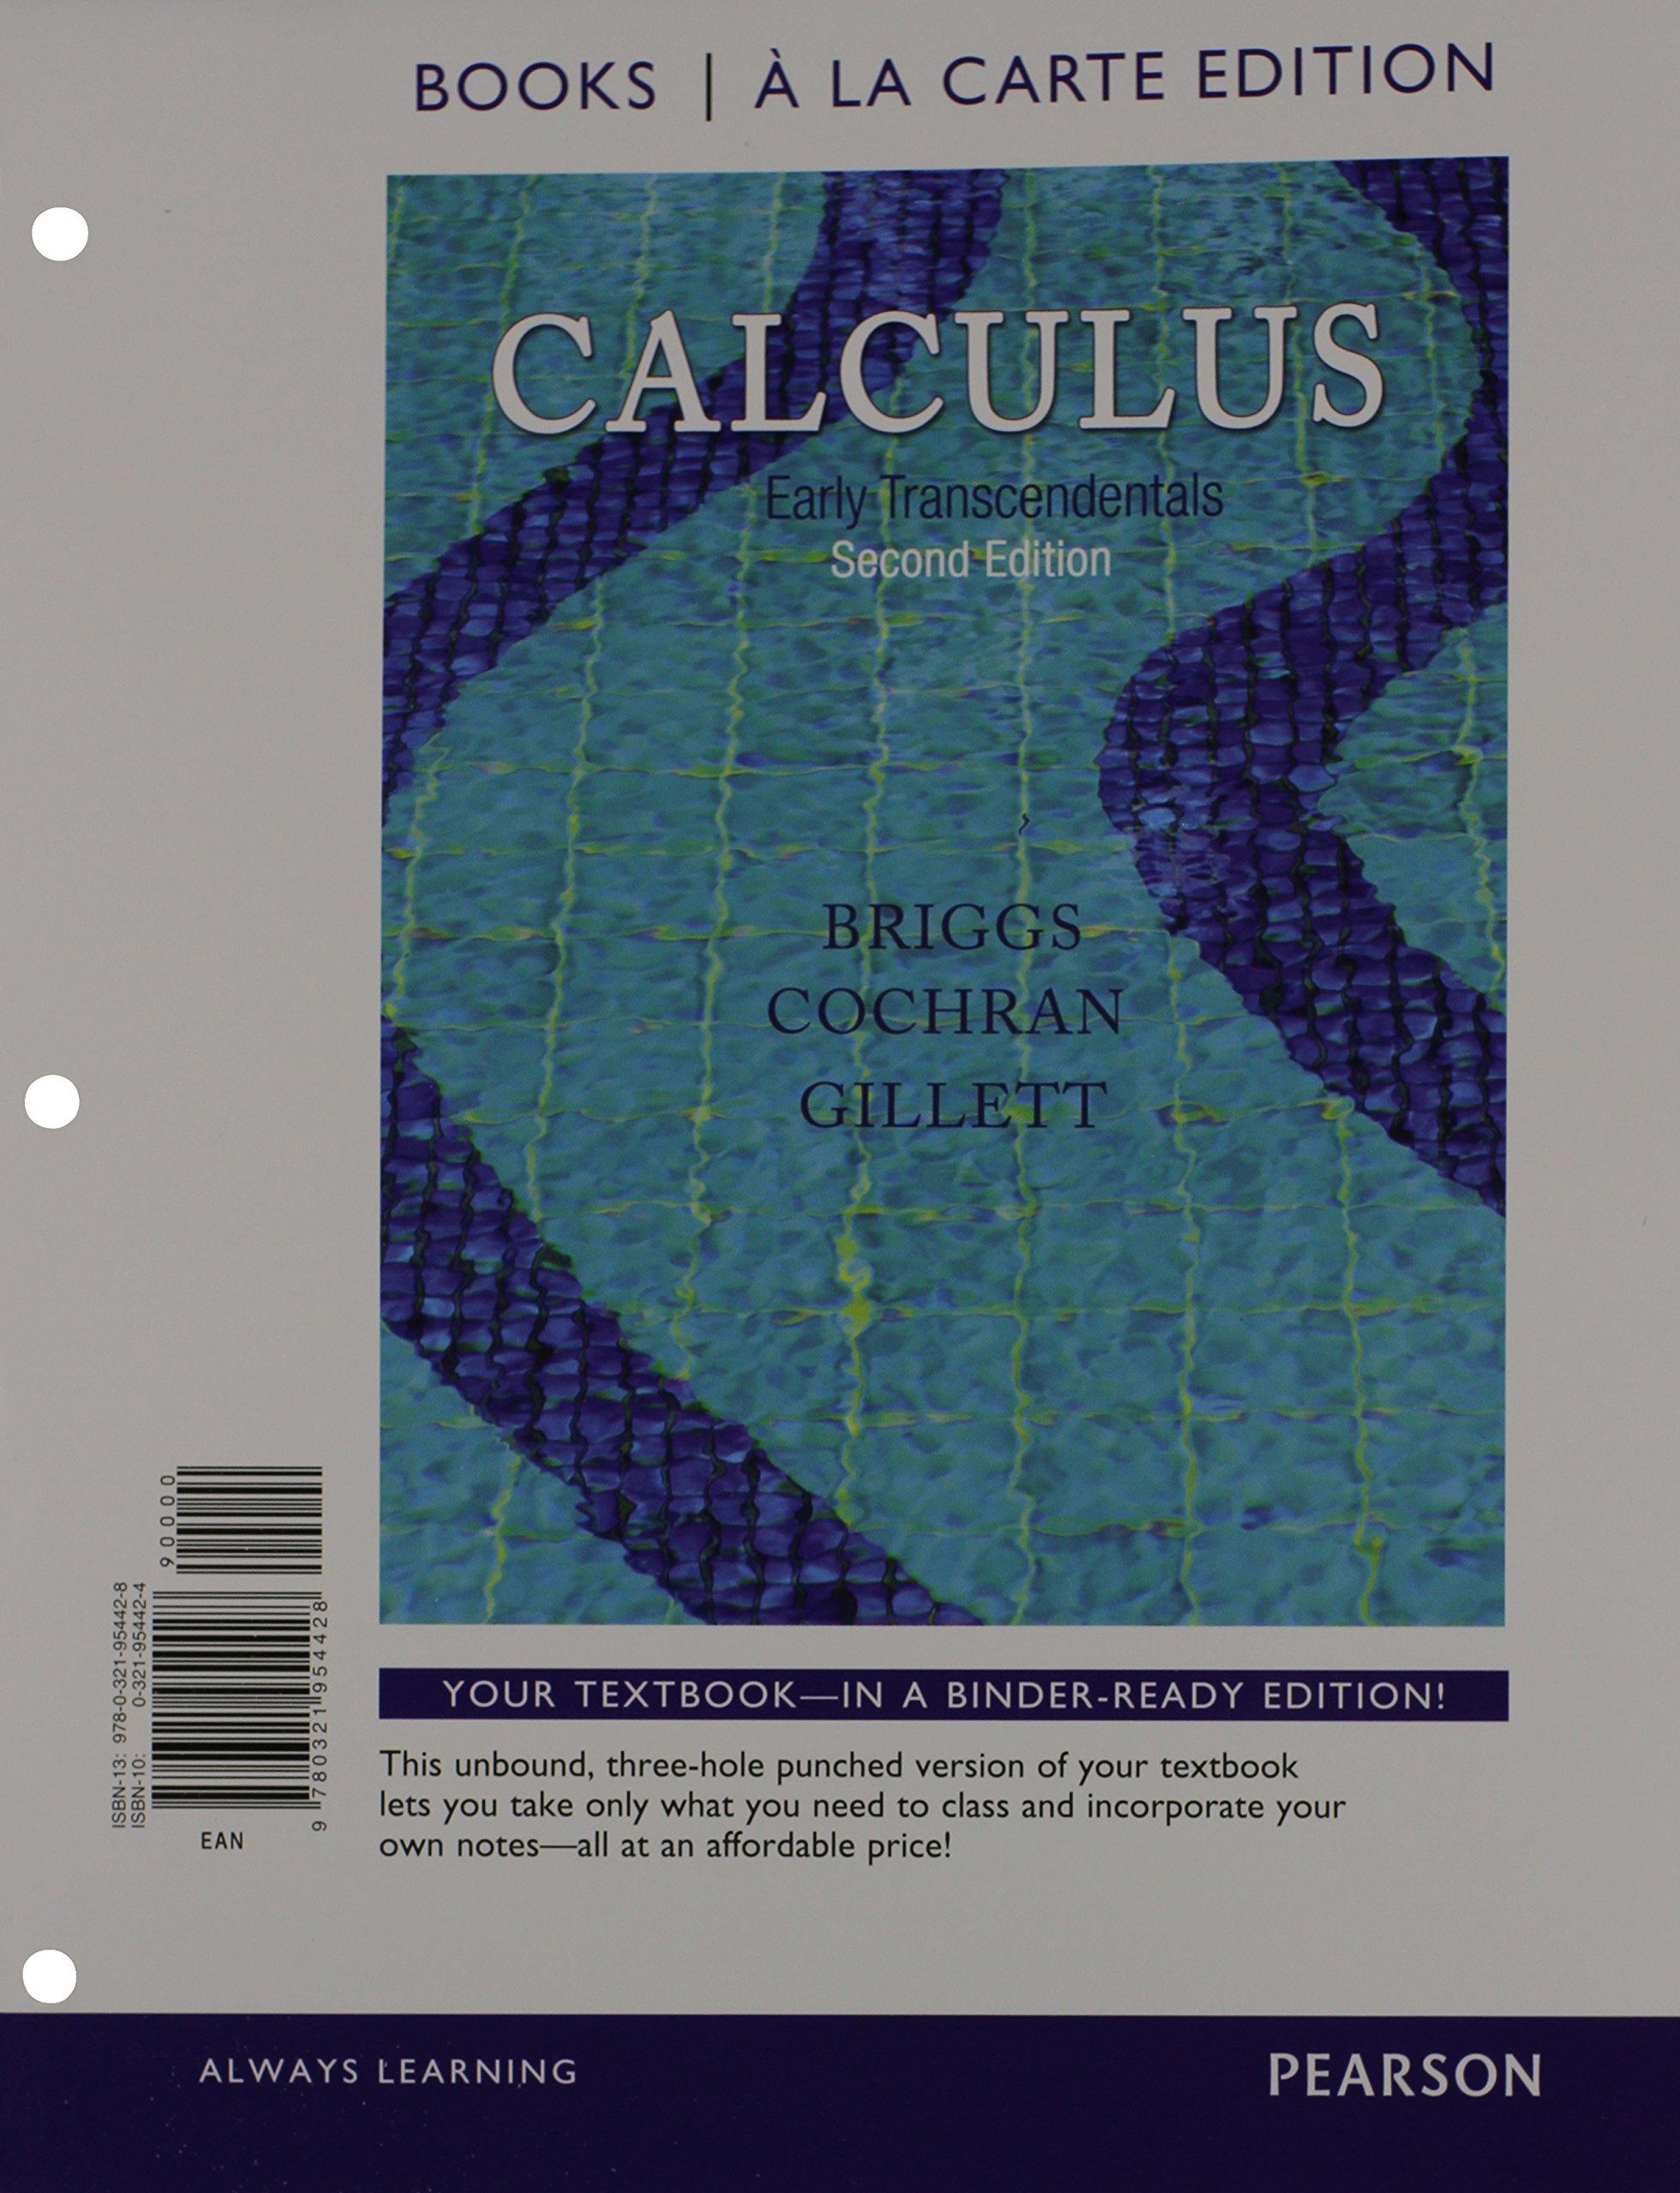 Calculus: Early Transcendentals, Books a la Carte Edition (2nd Edition):  William L. Briggs, Lyle Cochran, Bernard Gillett: 9780321954428: Books -  Amazon.ca